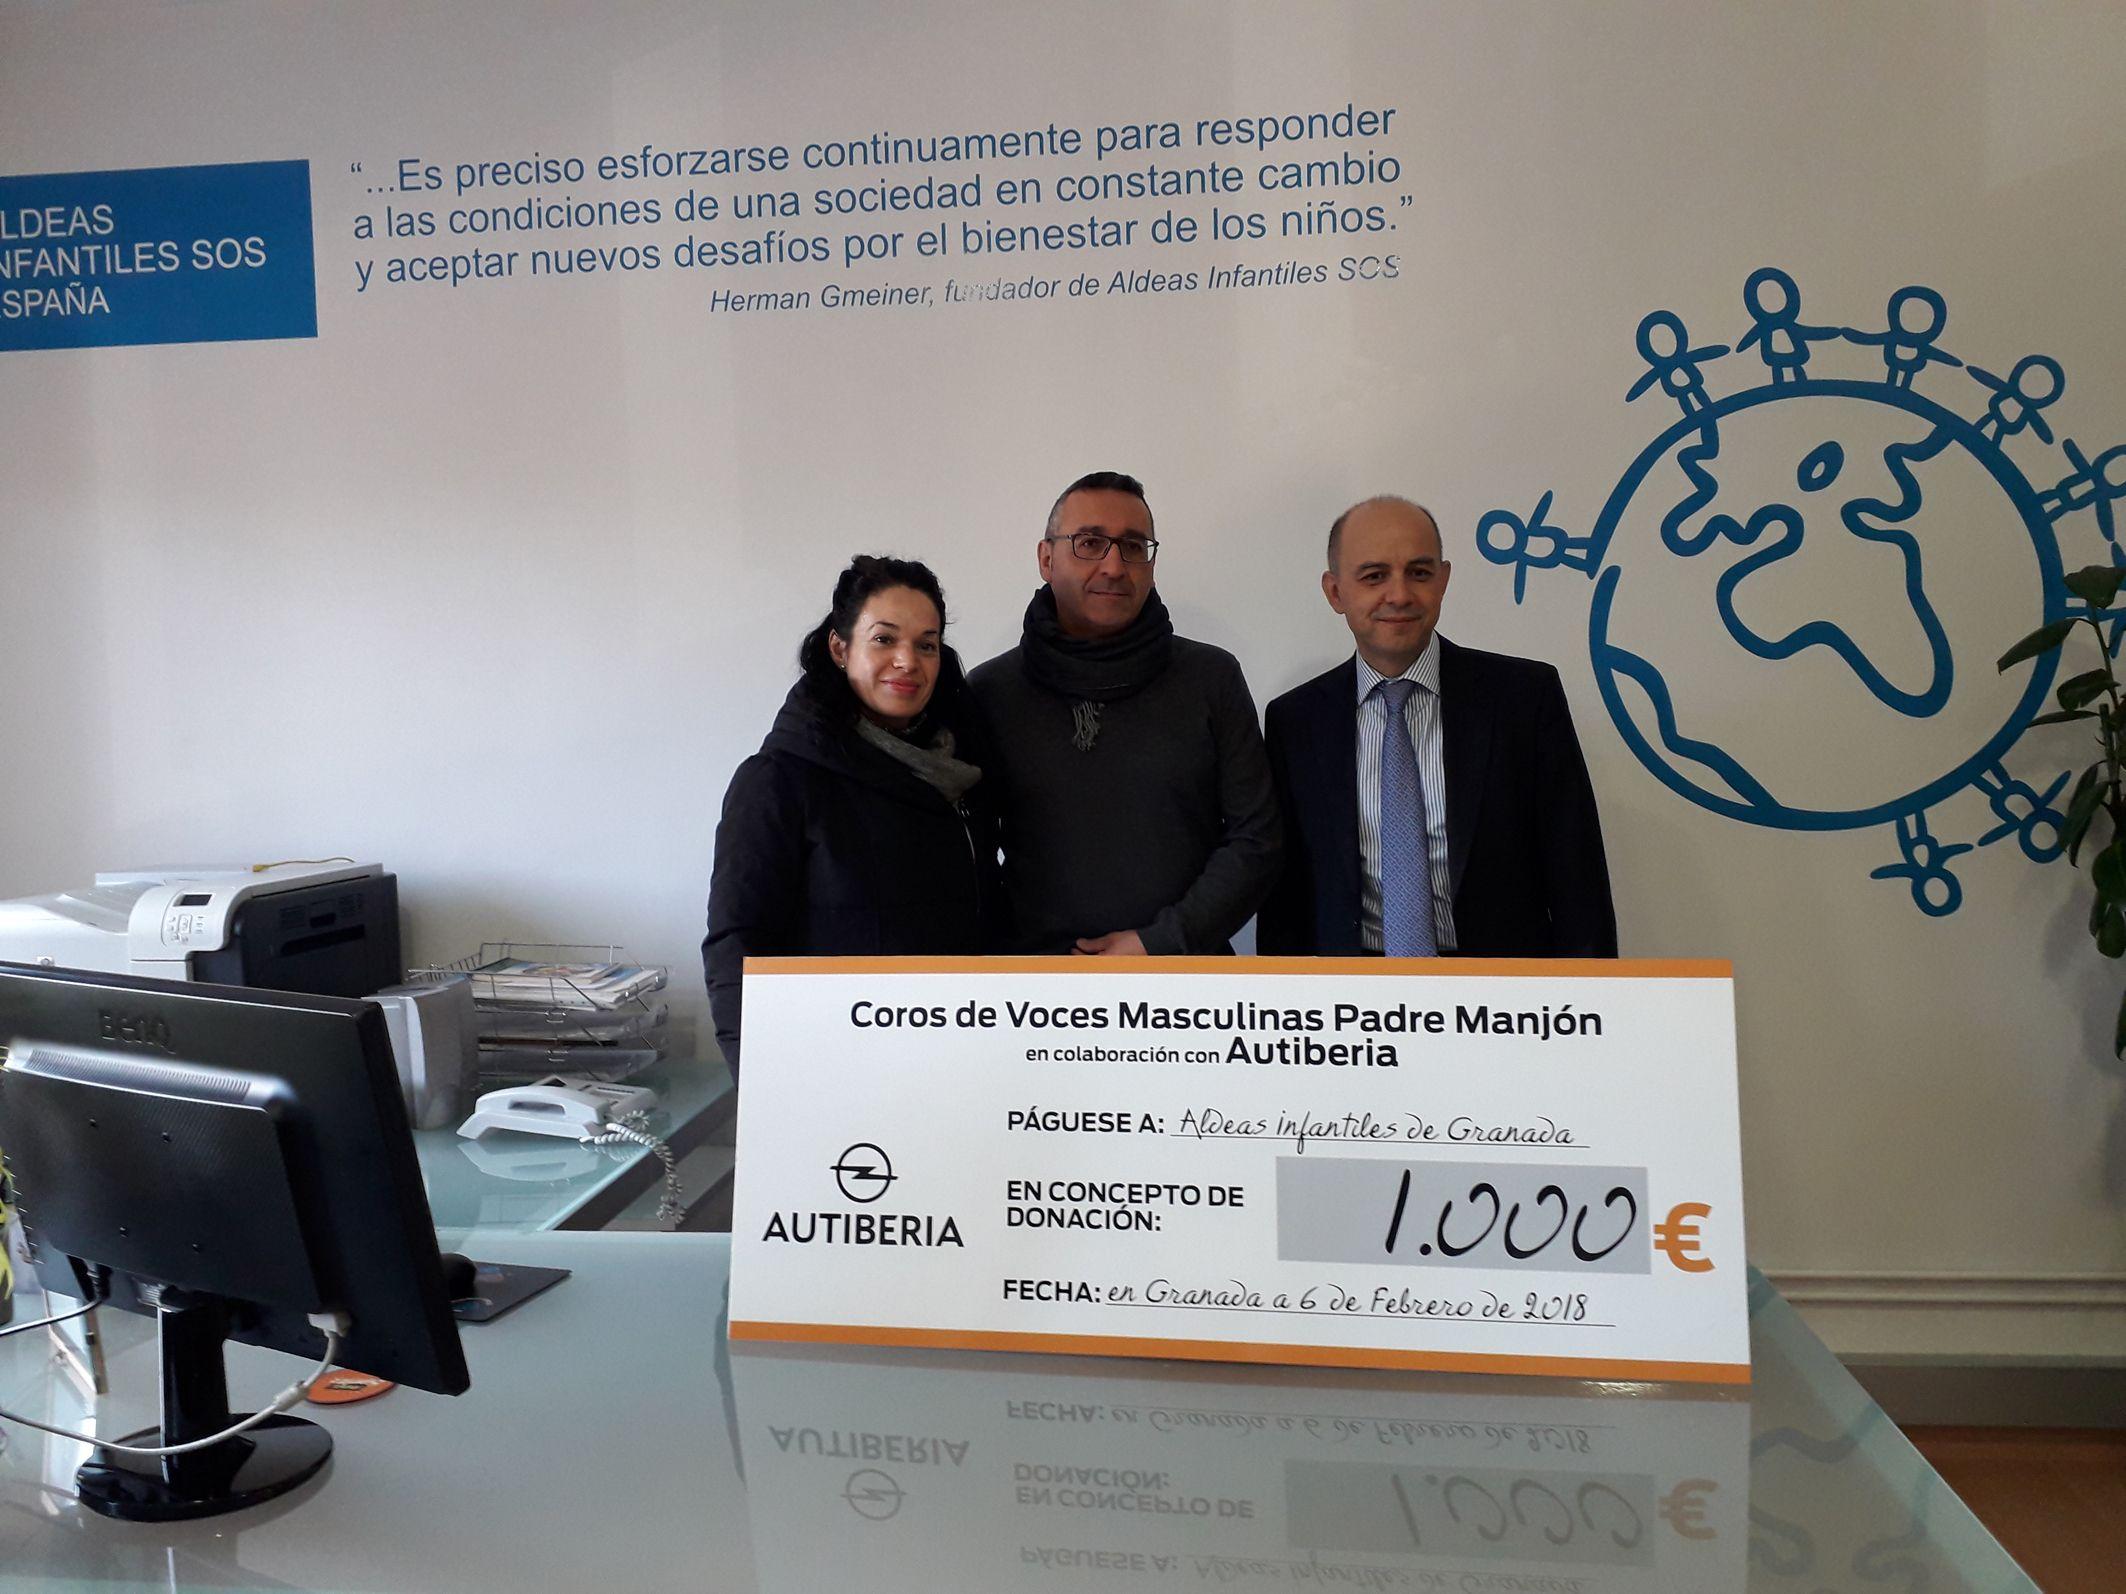 Opel Autiberia y el Coro de Voces Graves Padre Manjón  donan 1.000€ a Aldeas Infantiles Granada.